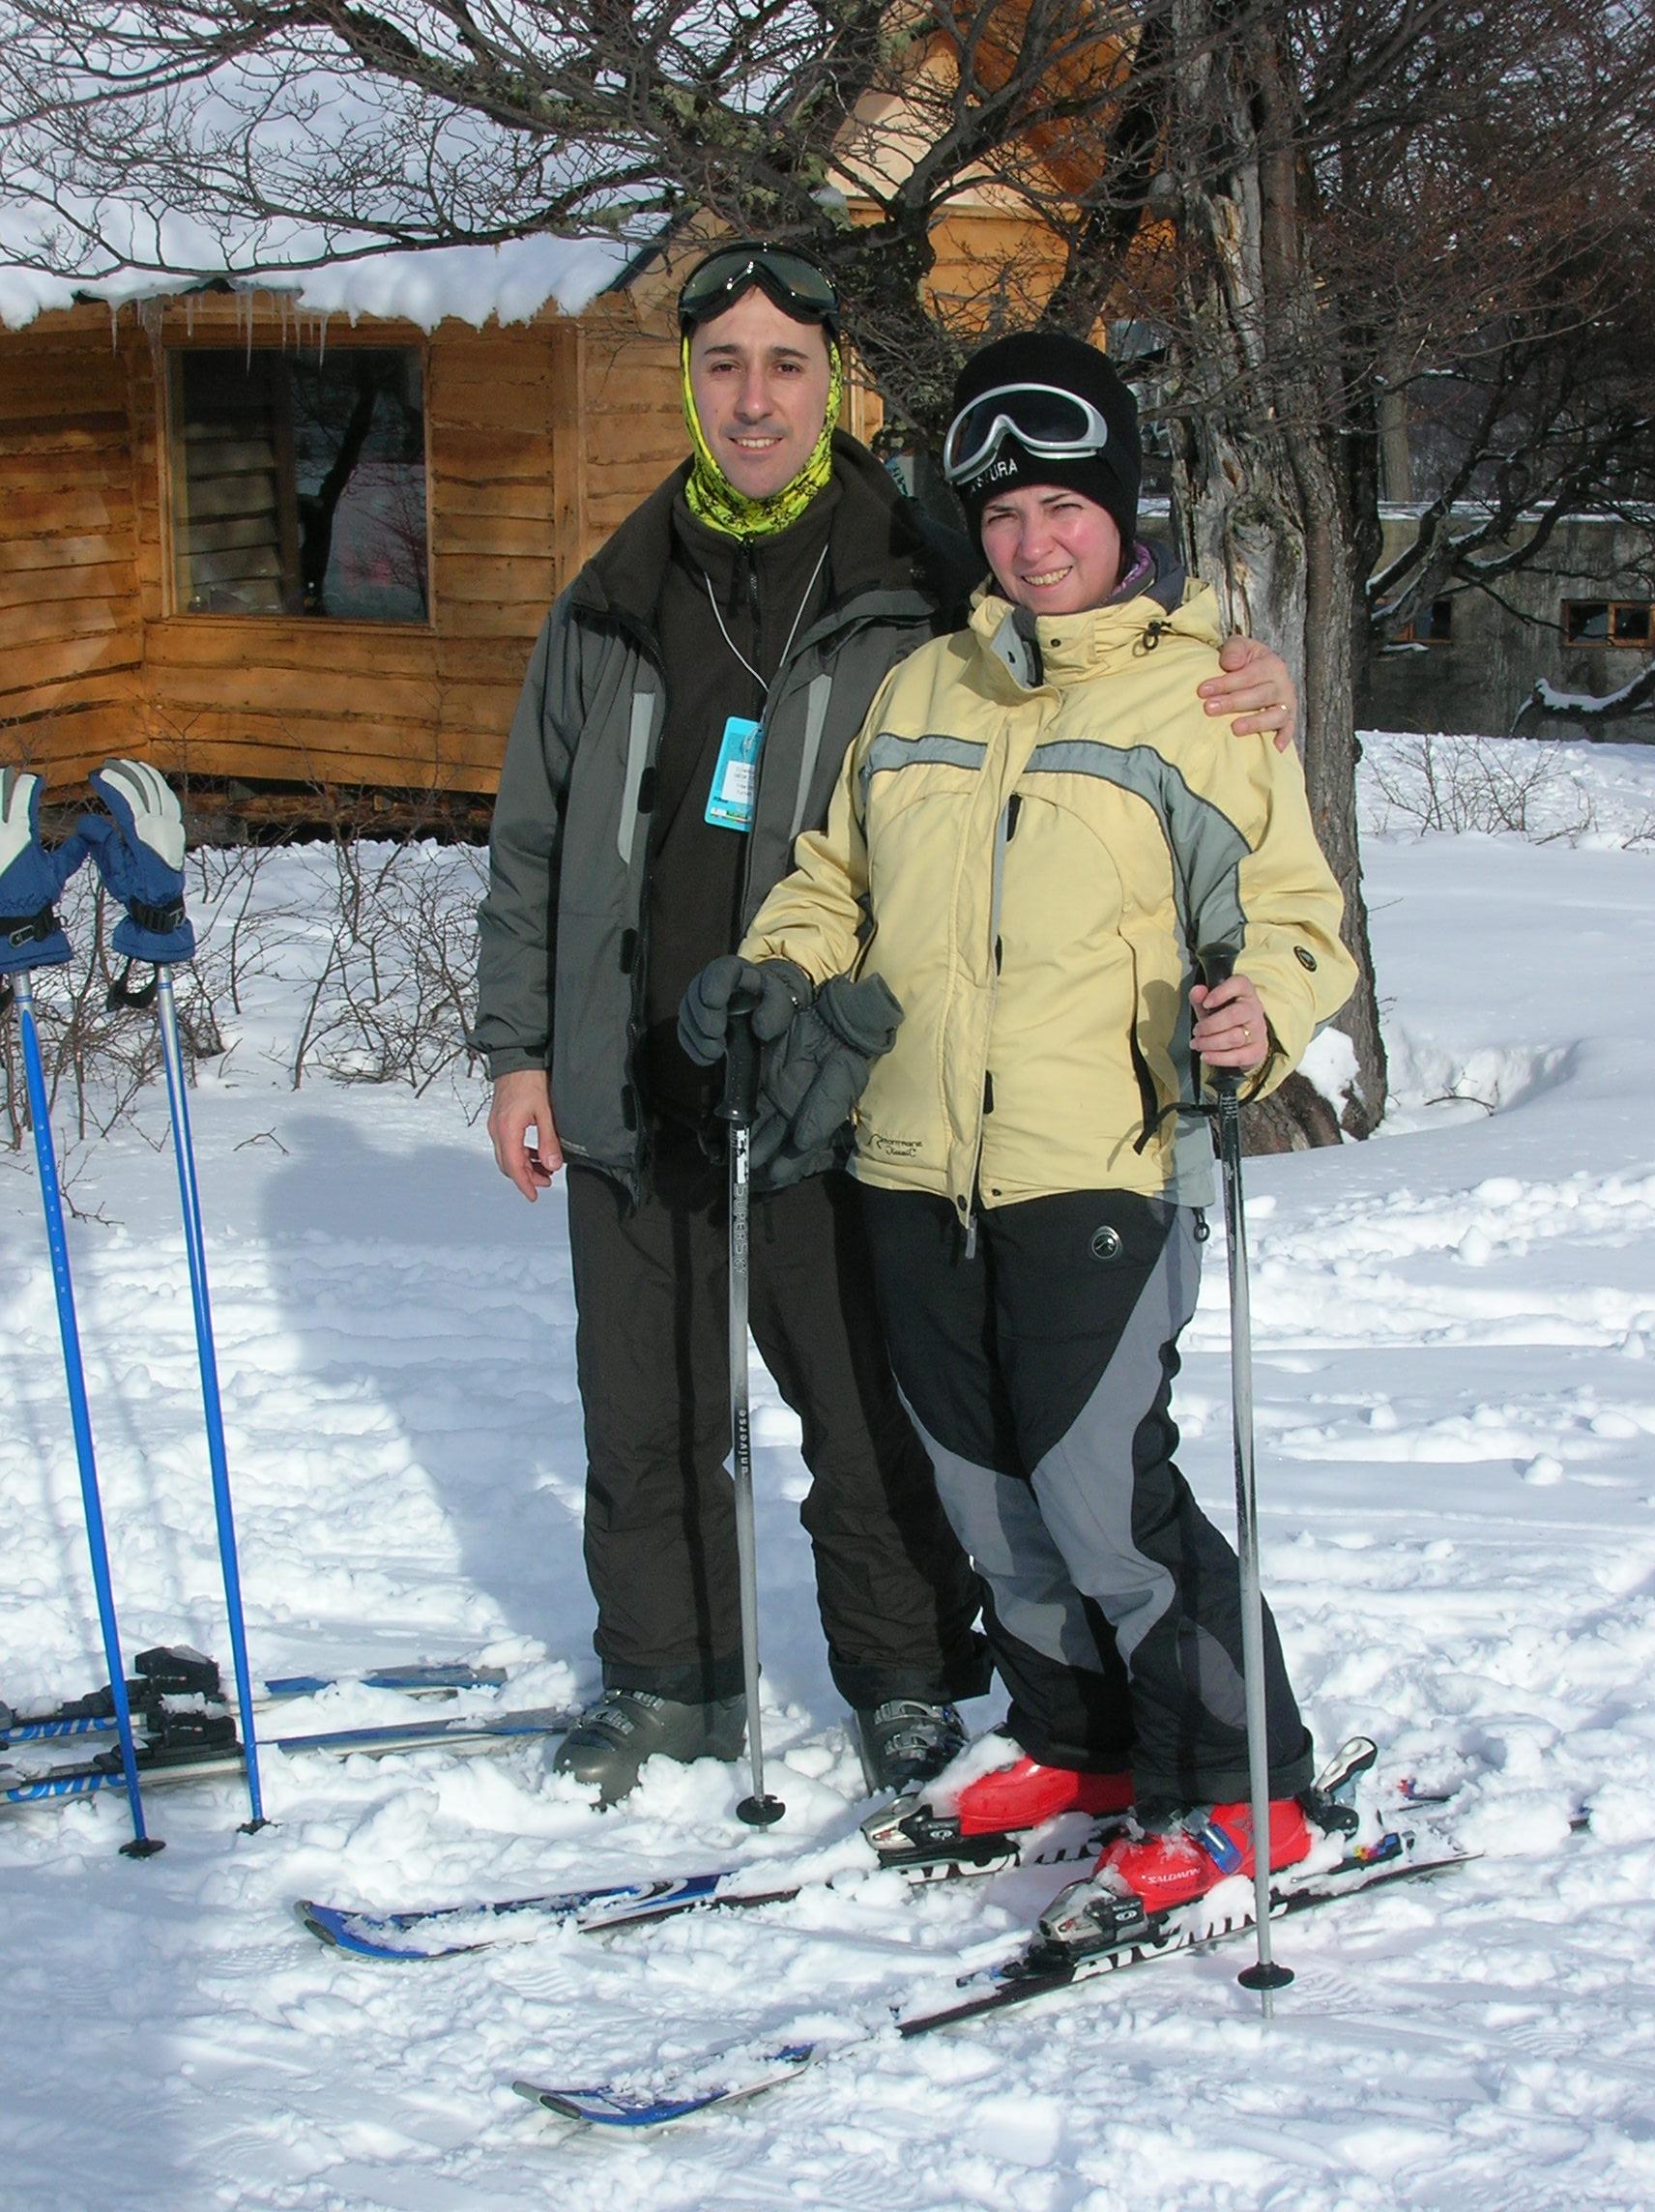 Majo y Dani esquiando en la nieve